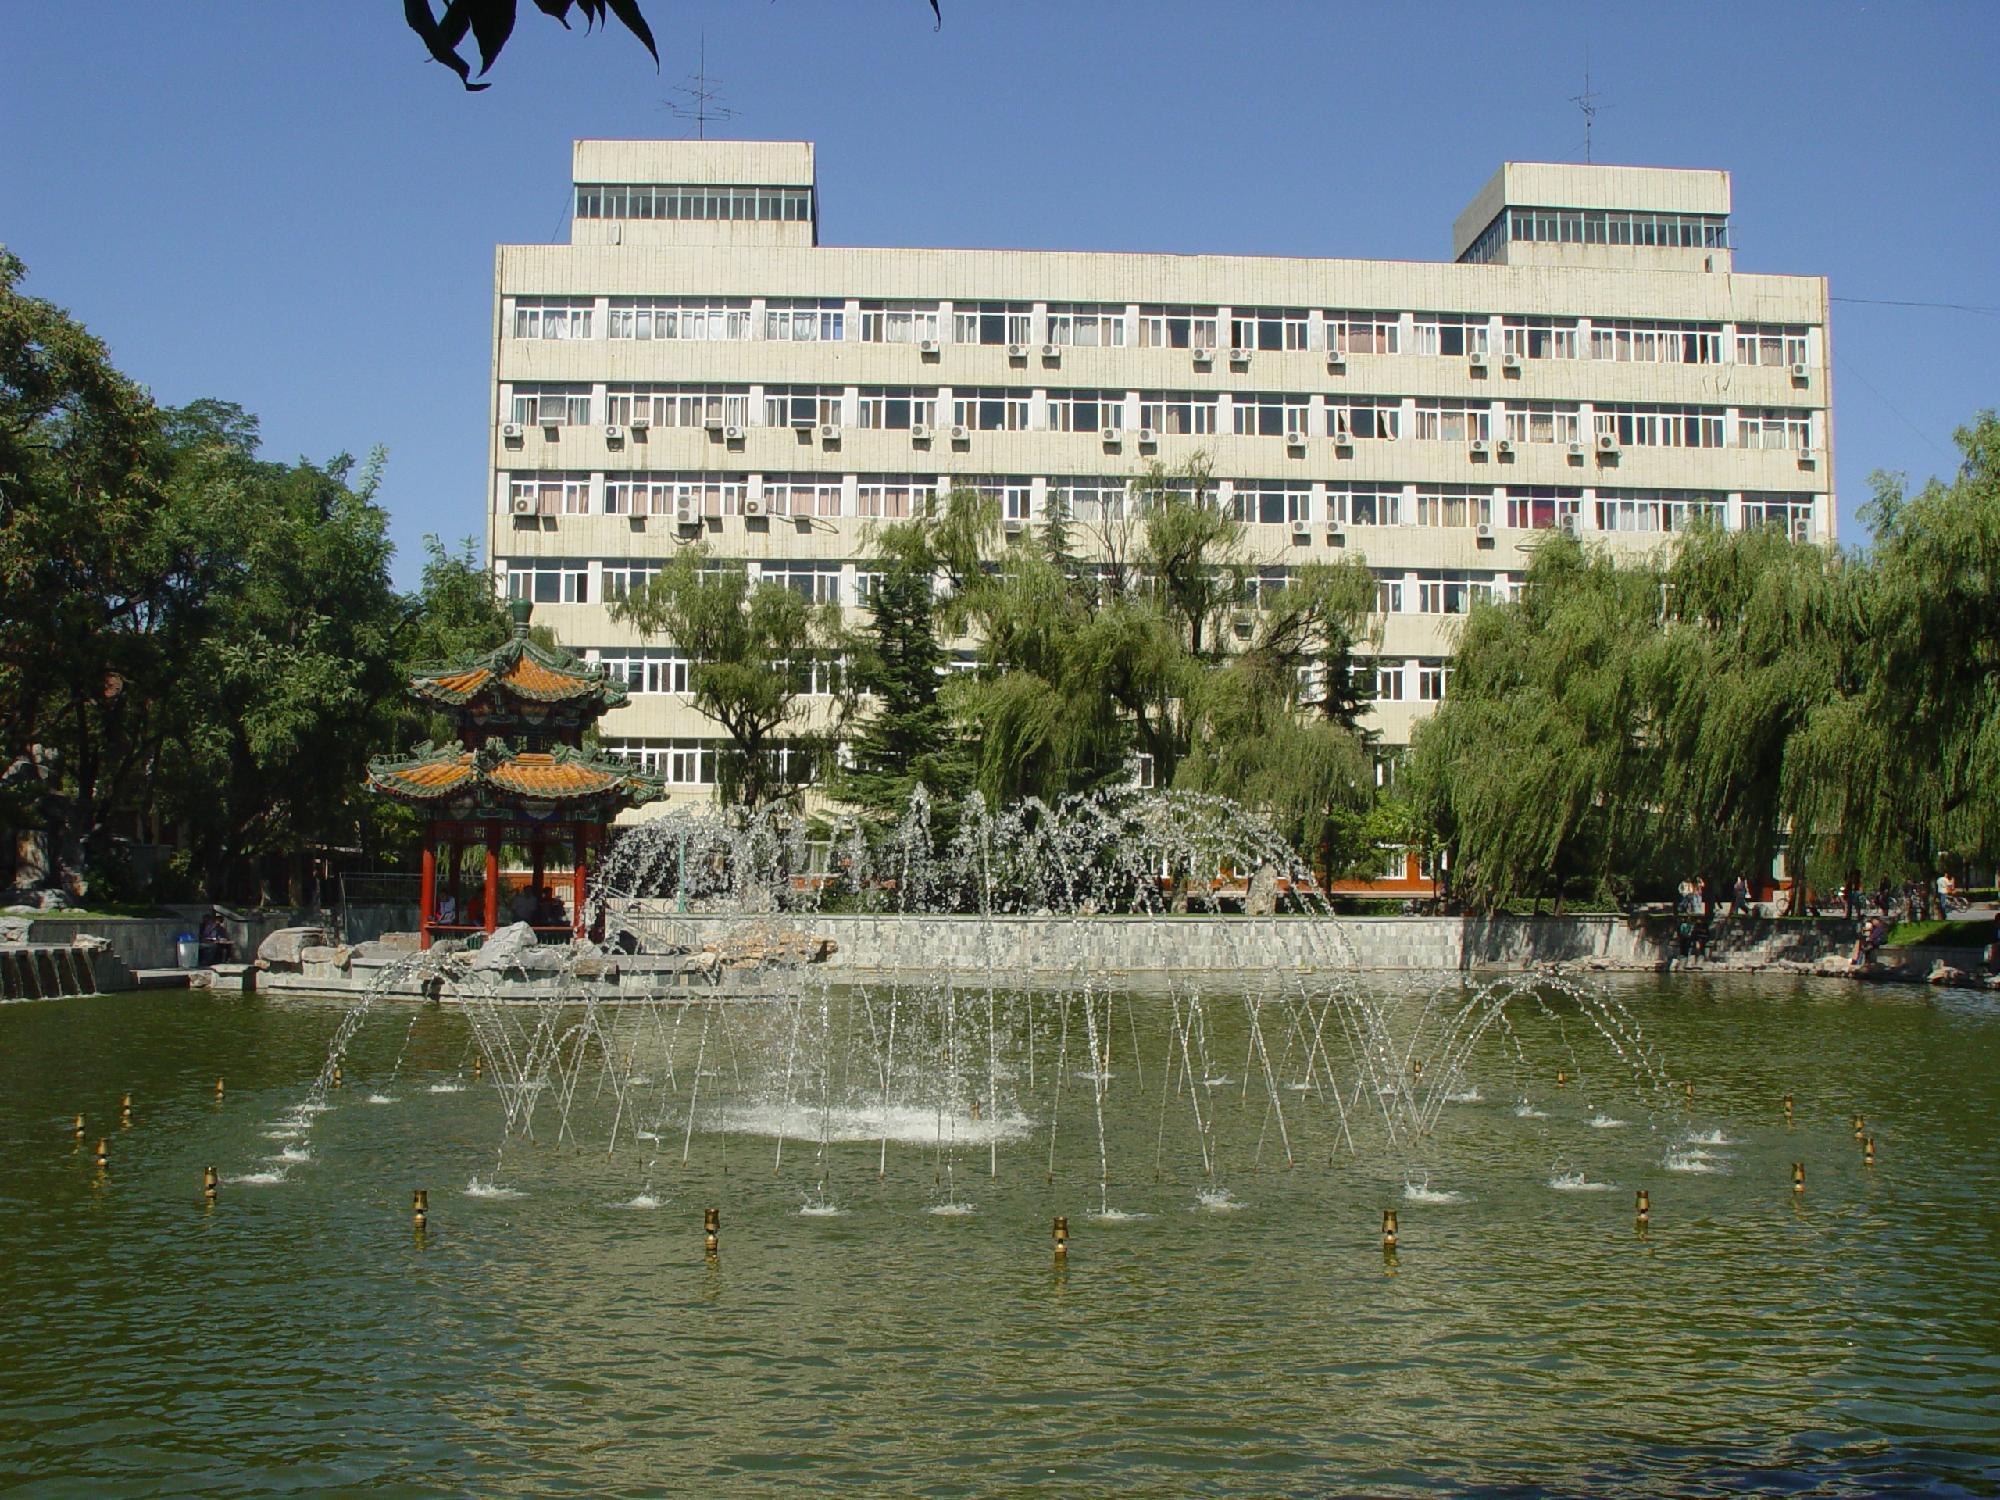 北京交通大学校园雕塑与喷泉